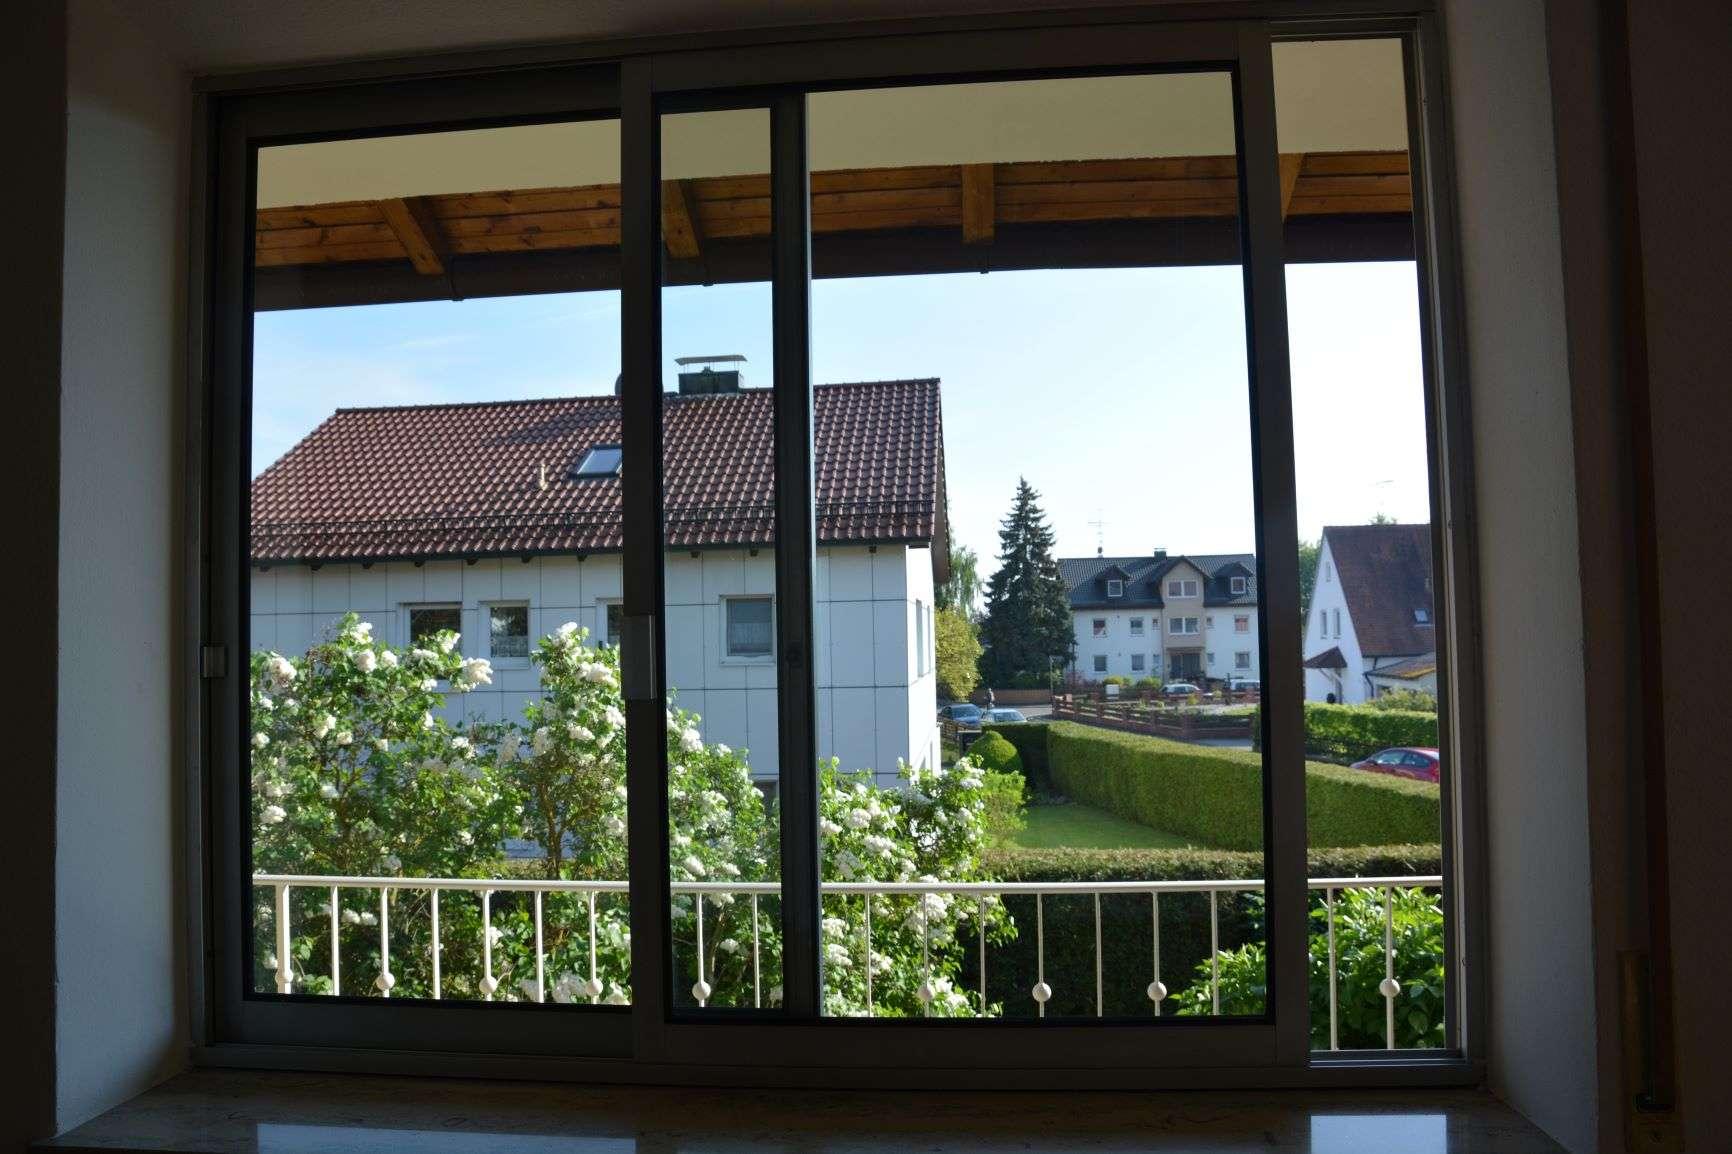 4 Zimmer Wohnung ND-Schwalbanger in 2 Fam. Haus in